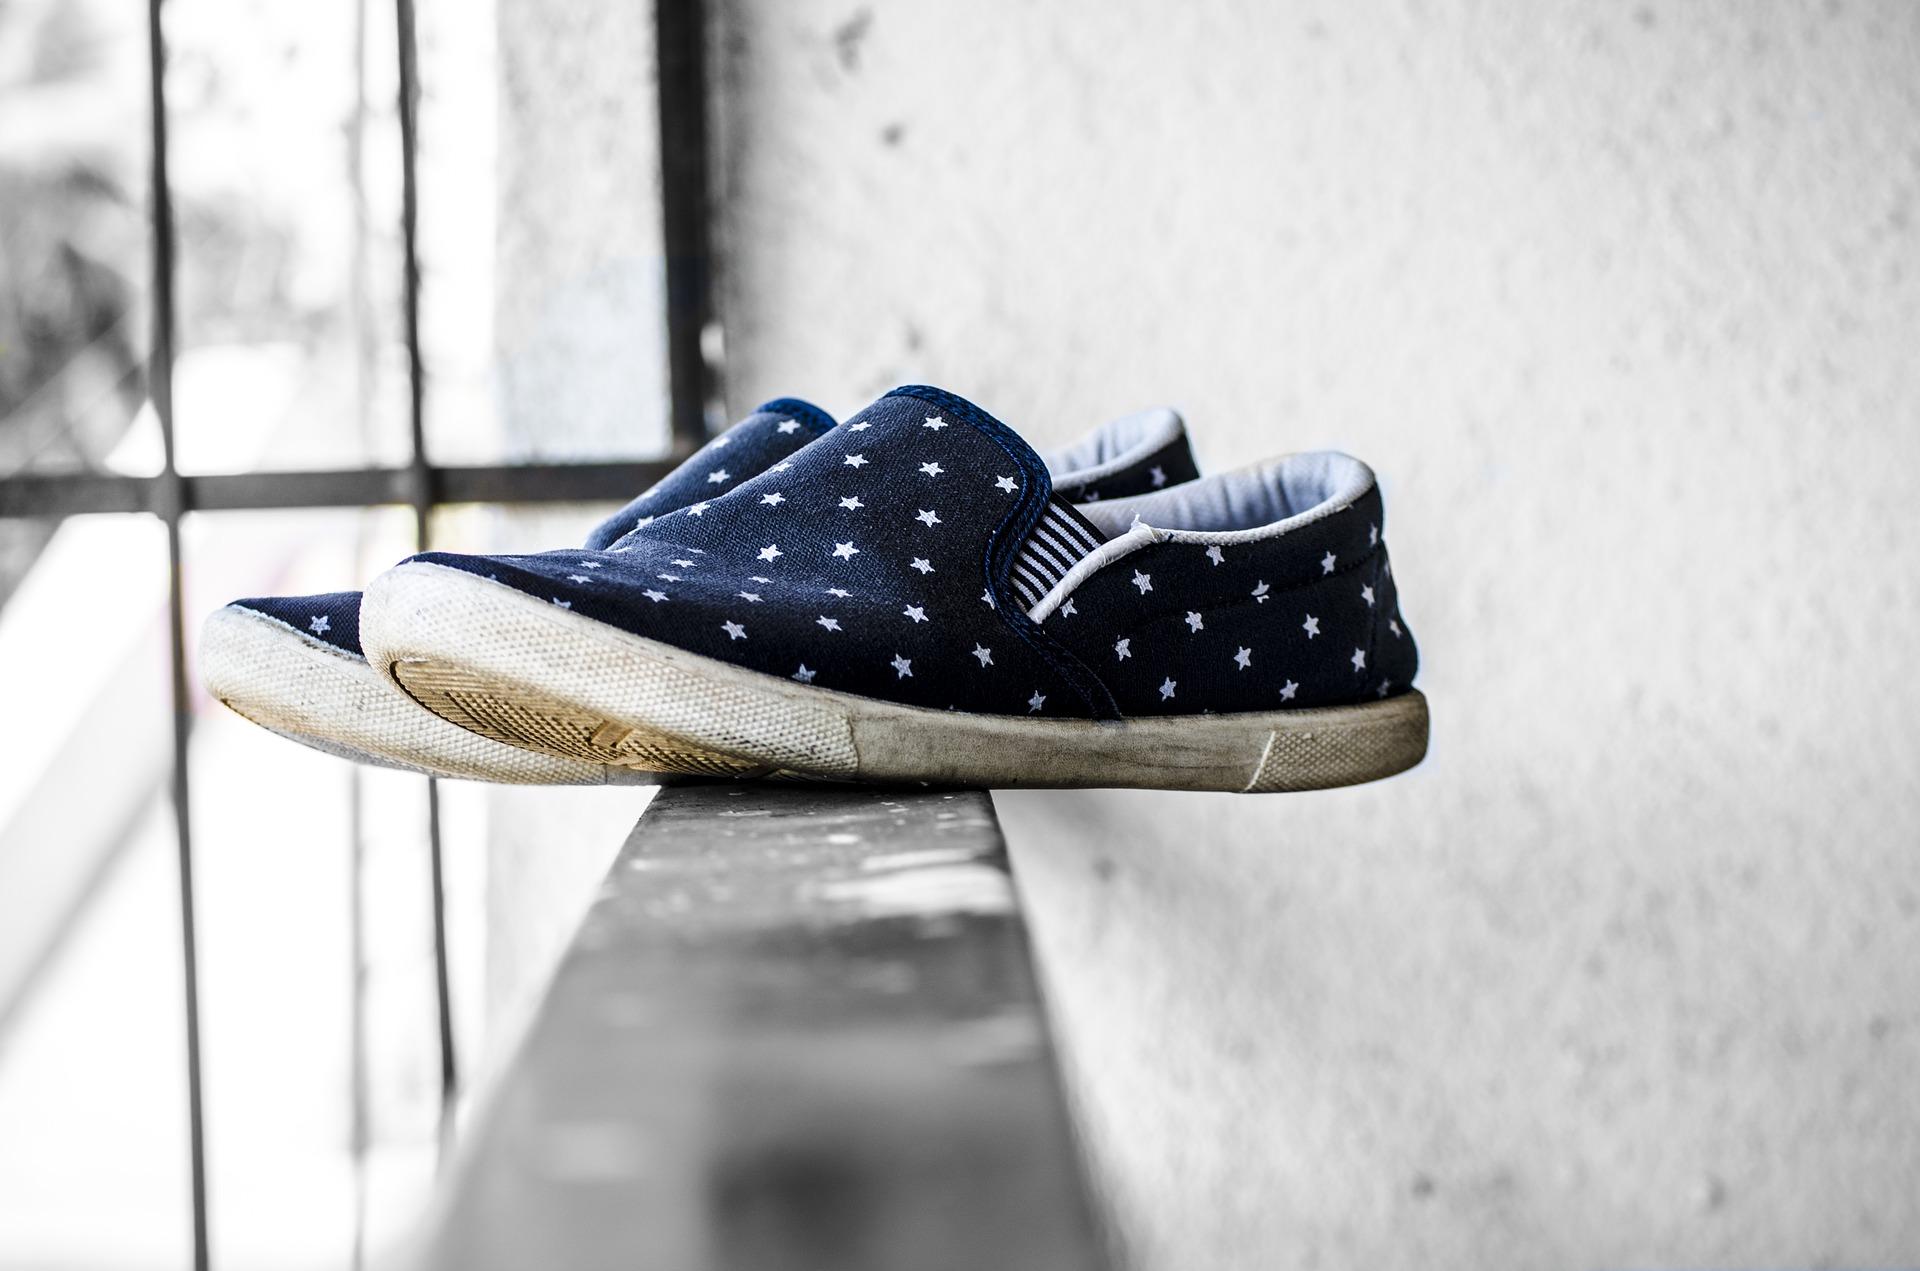 canvas-shoes-1839795_1920